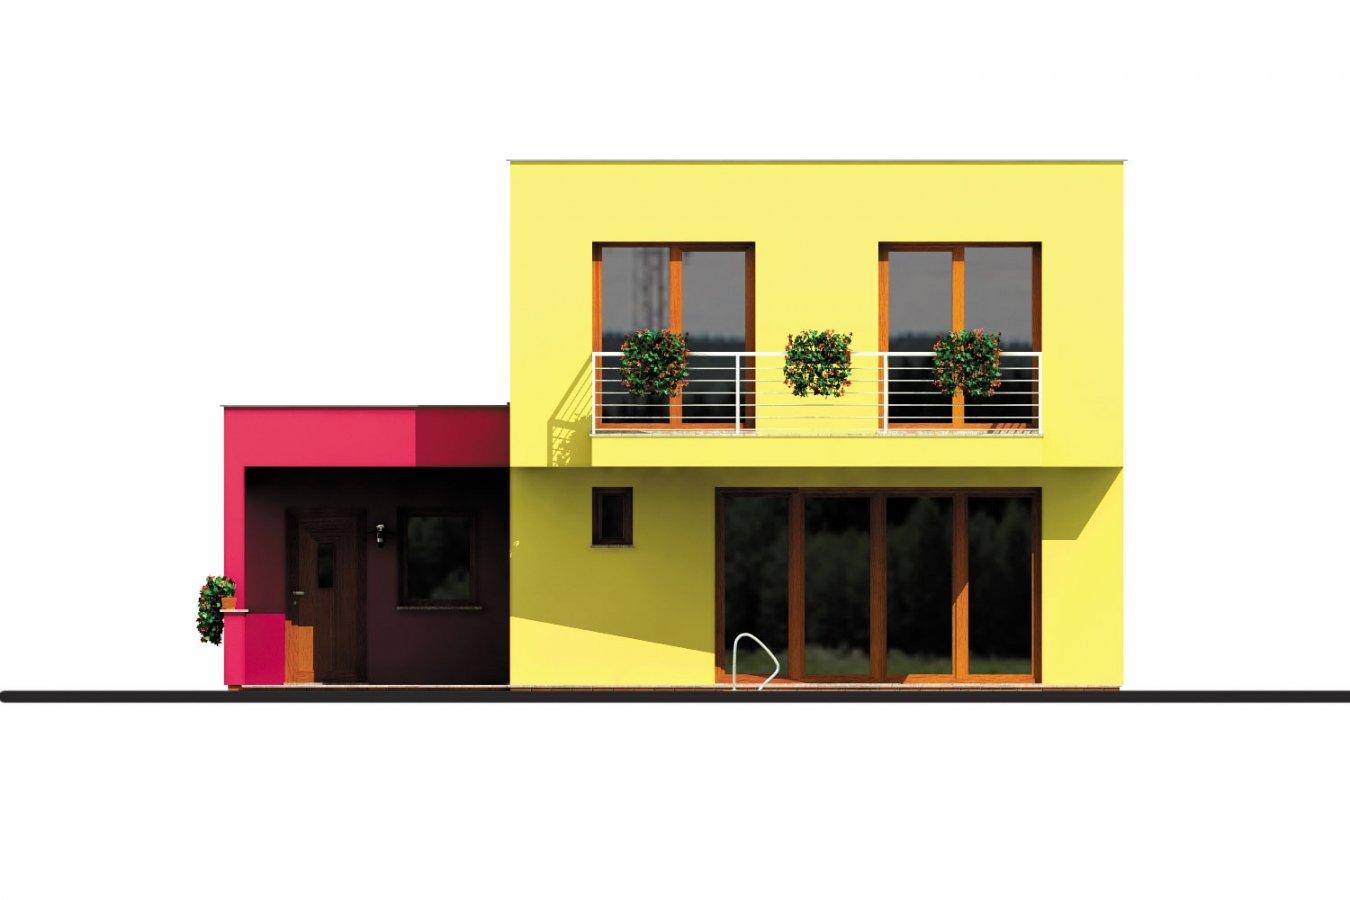 Pohľad 3. - Projekt domu s rovnou strechou